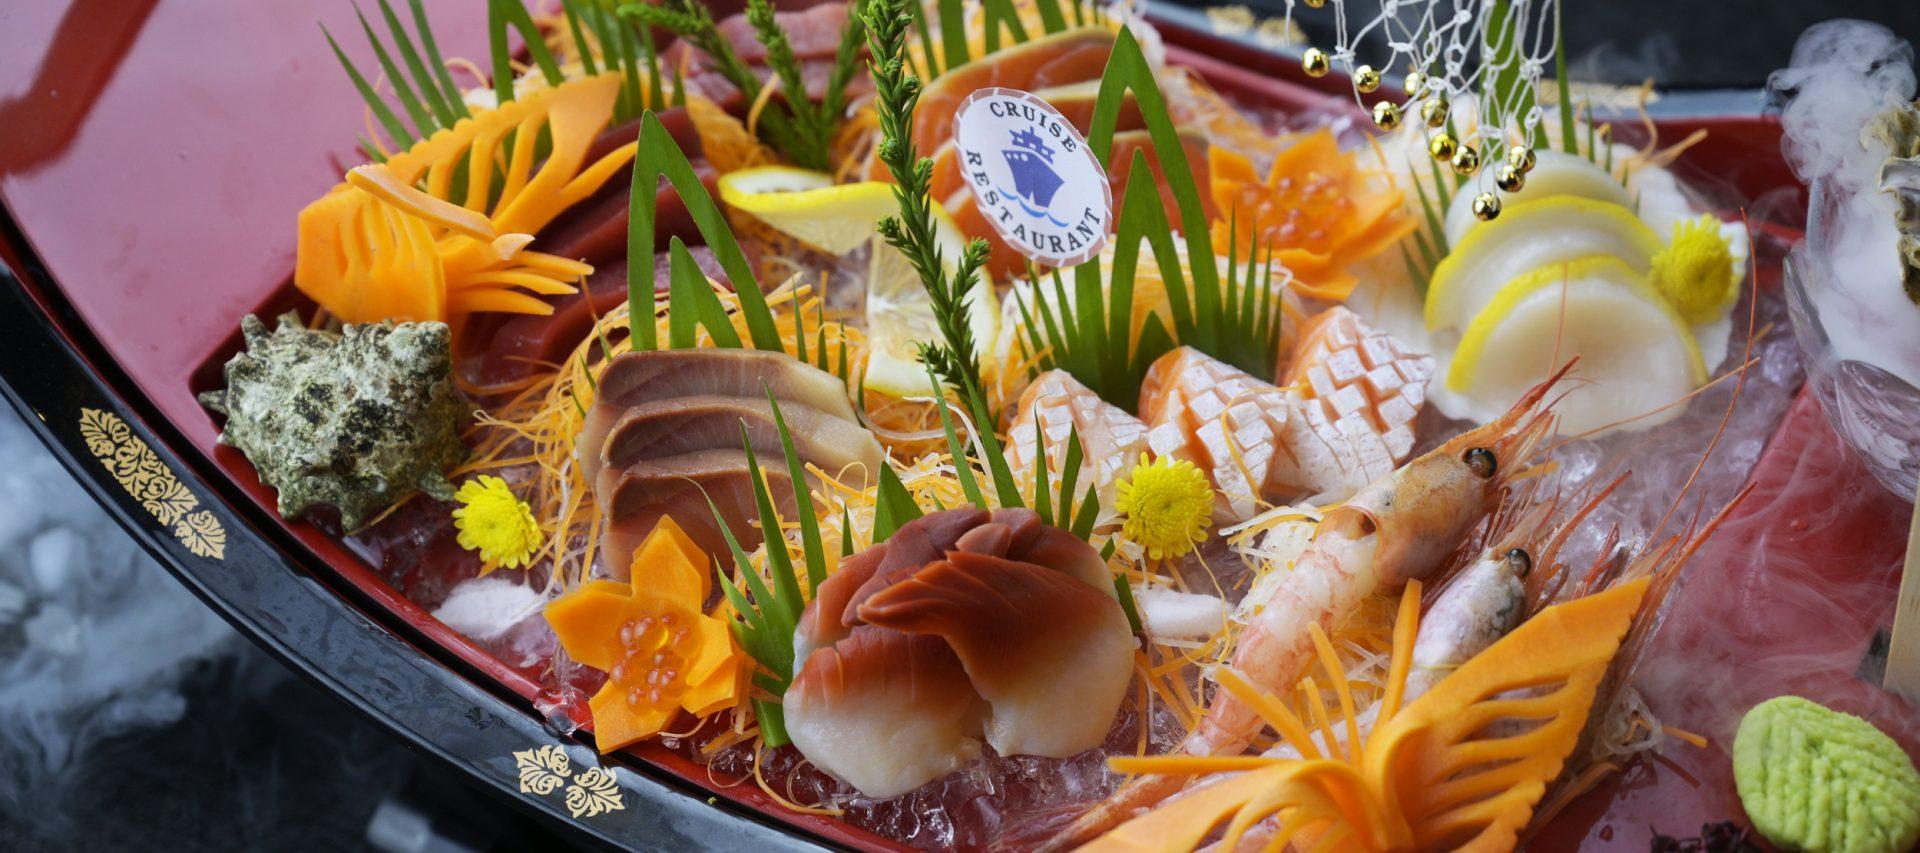 เมนูเด็ด อร่อยสุดๆ ที่ร้านอาหารญี่ปุ่นCruise Restaurant สีลม ซอยธนิยะ